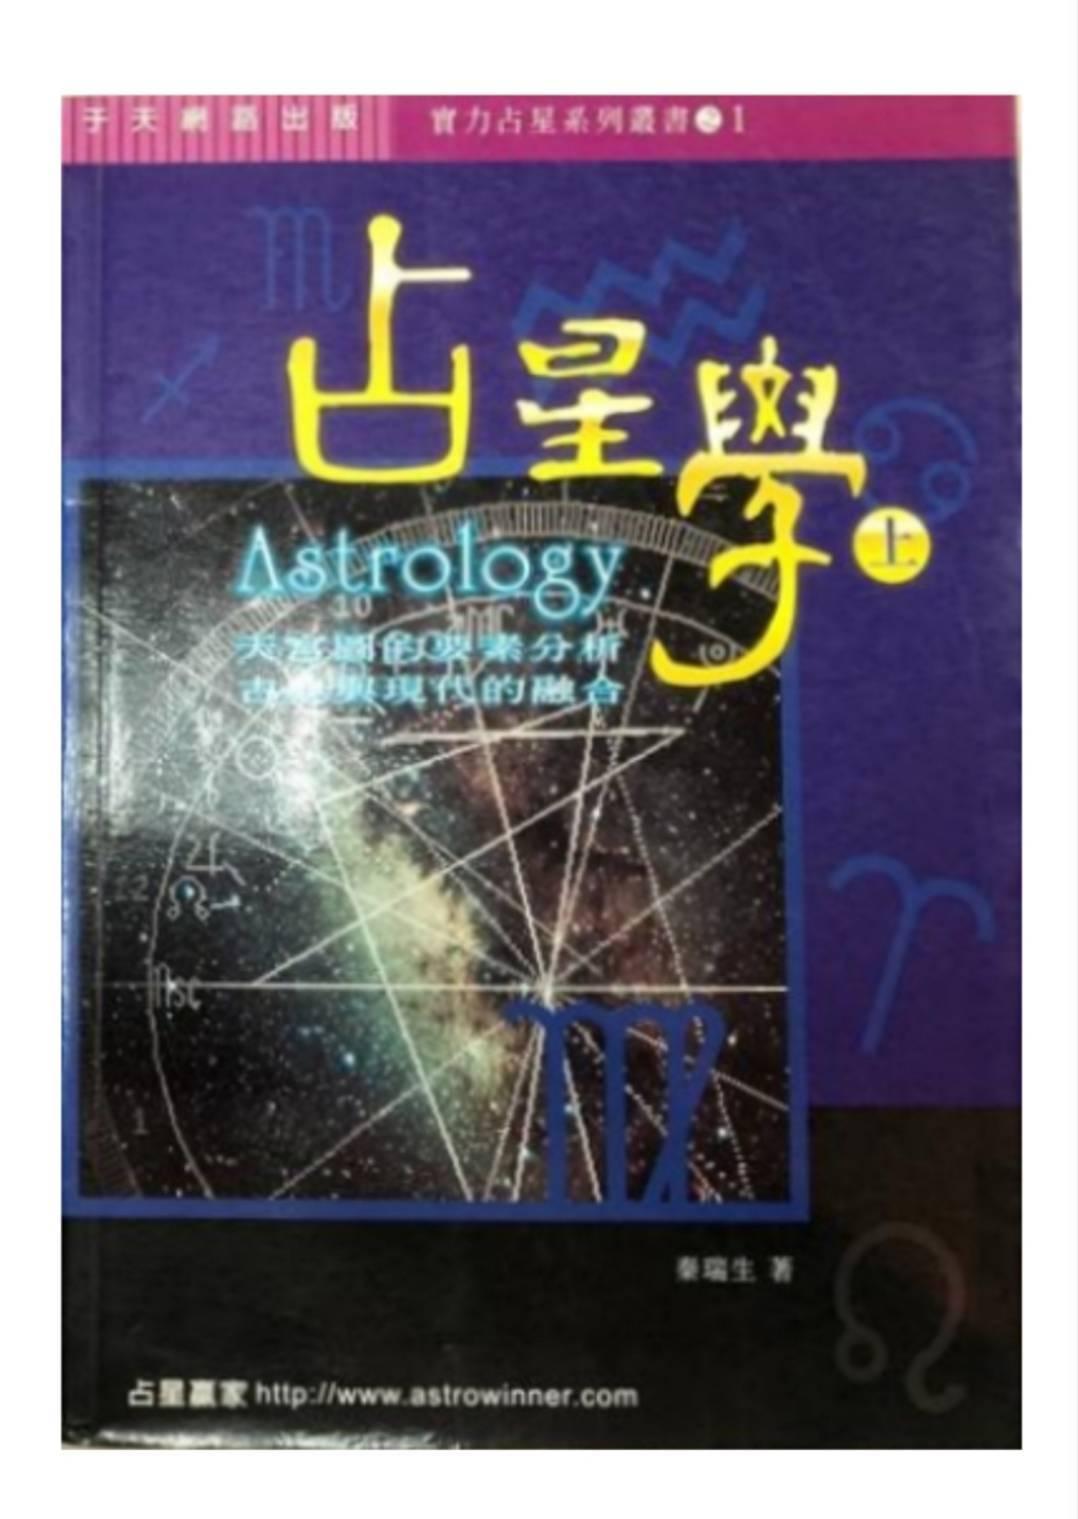 占星學上.jpg